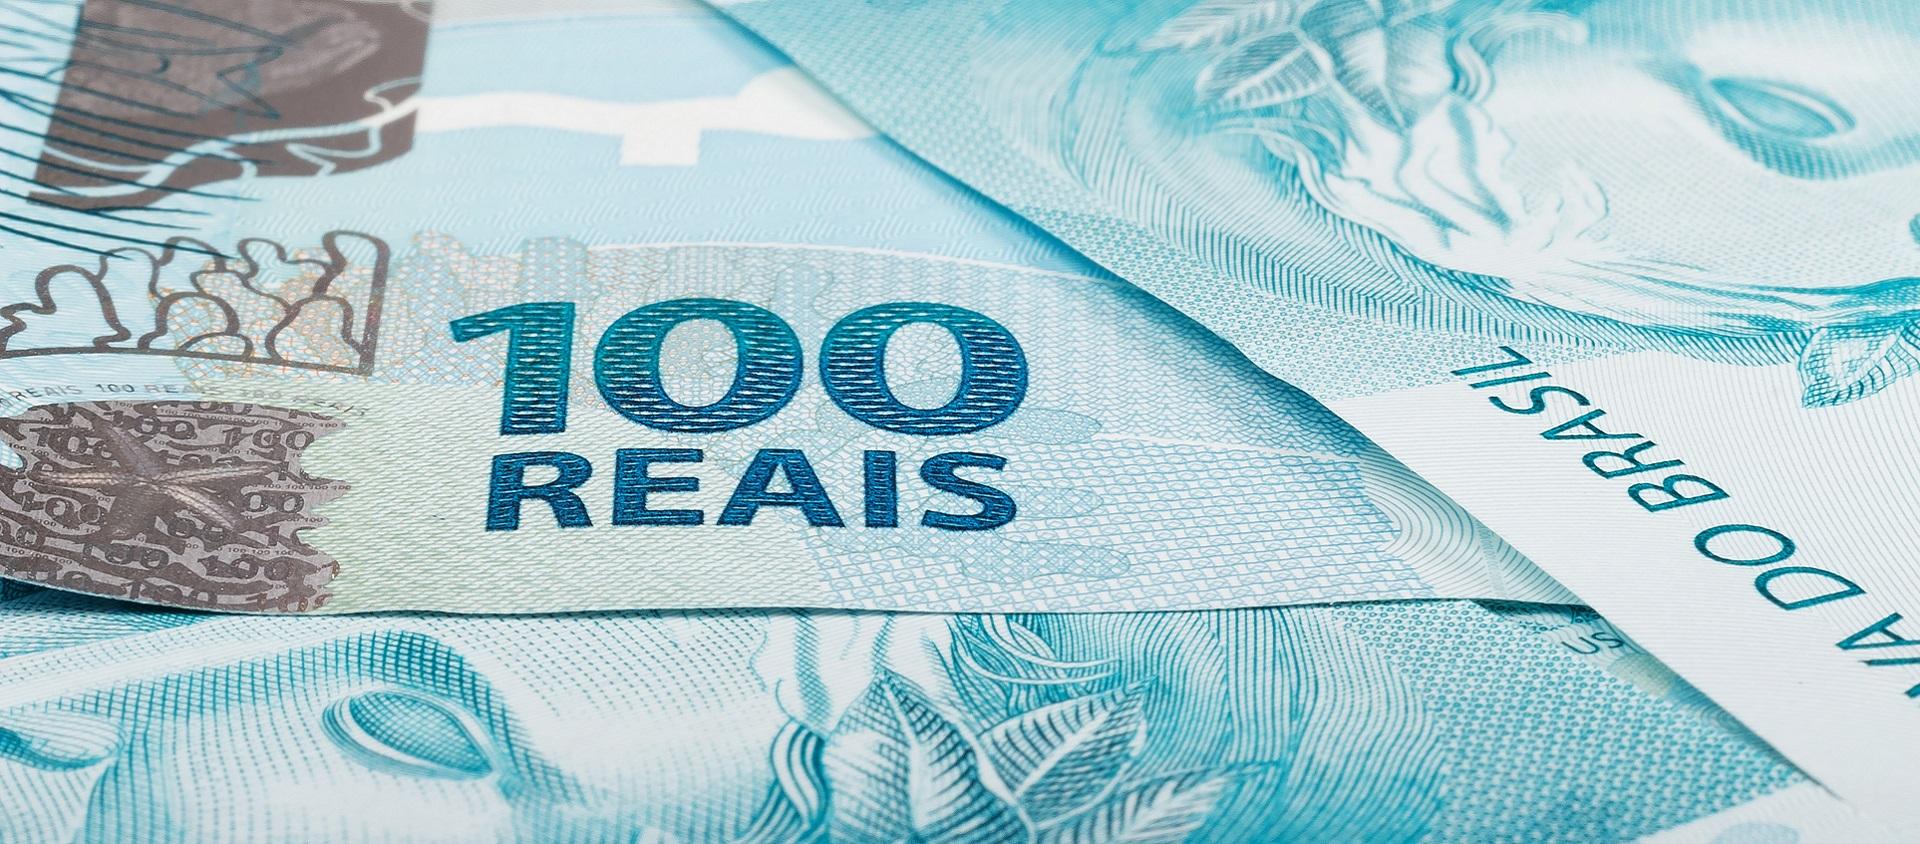 Gastos dos planos de saúde devem chegar a R$ 170 bi em 2018